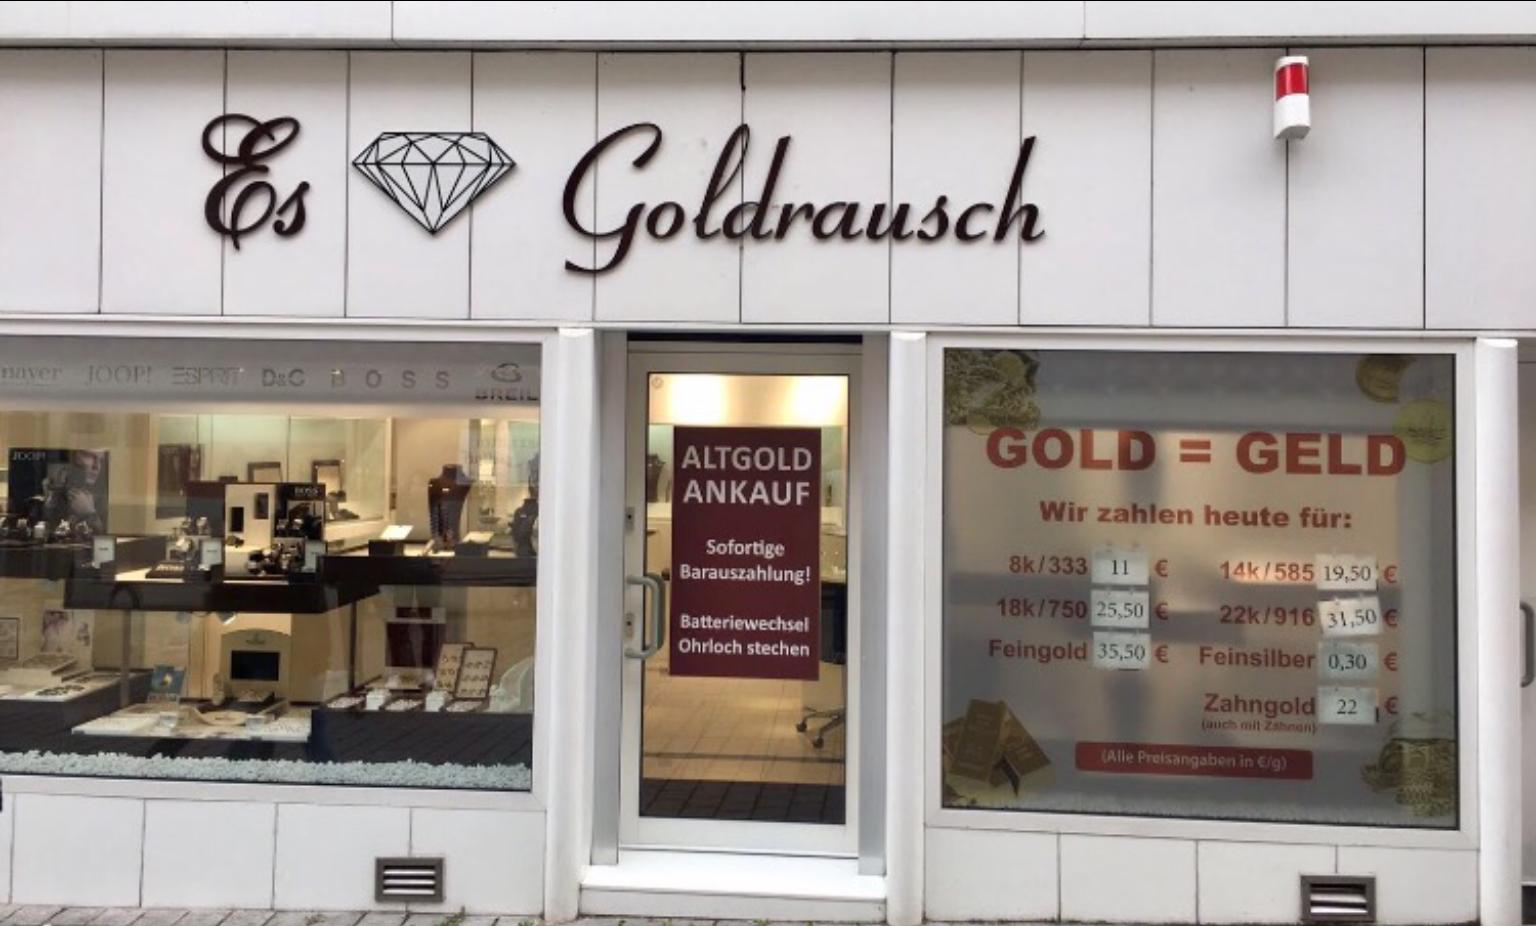 Goldankauf - Es Goldrausch Esslingen